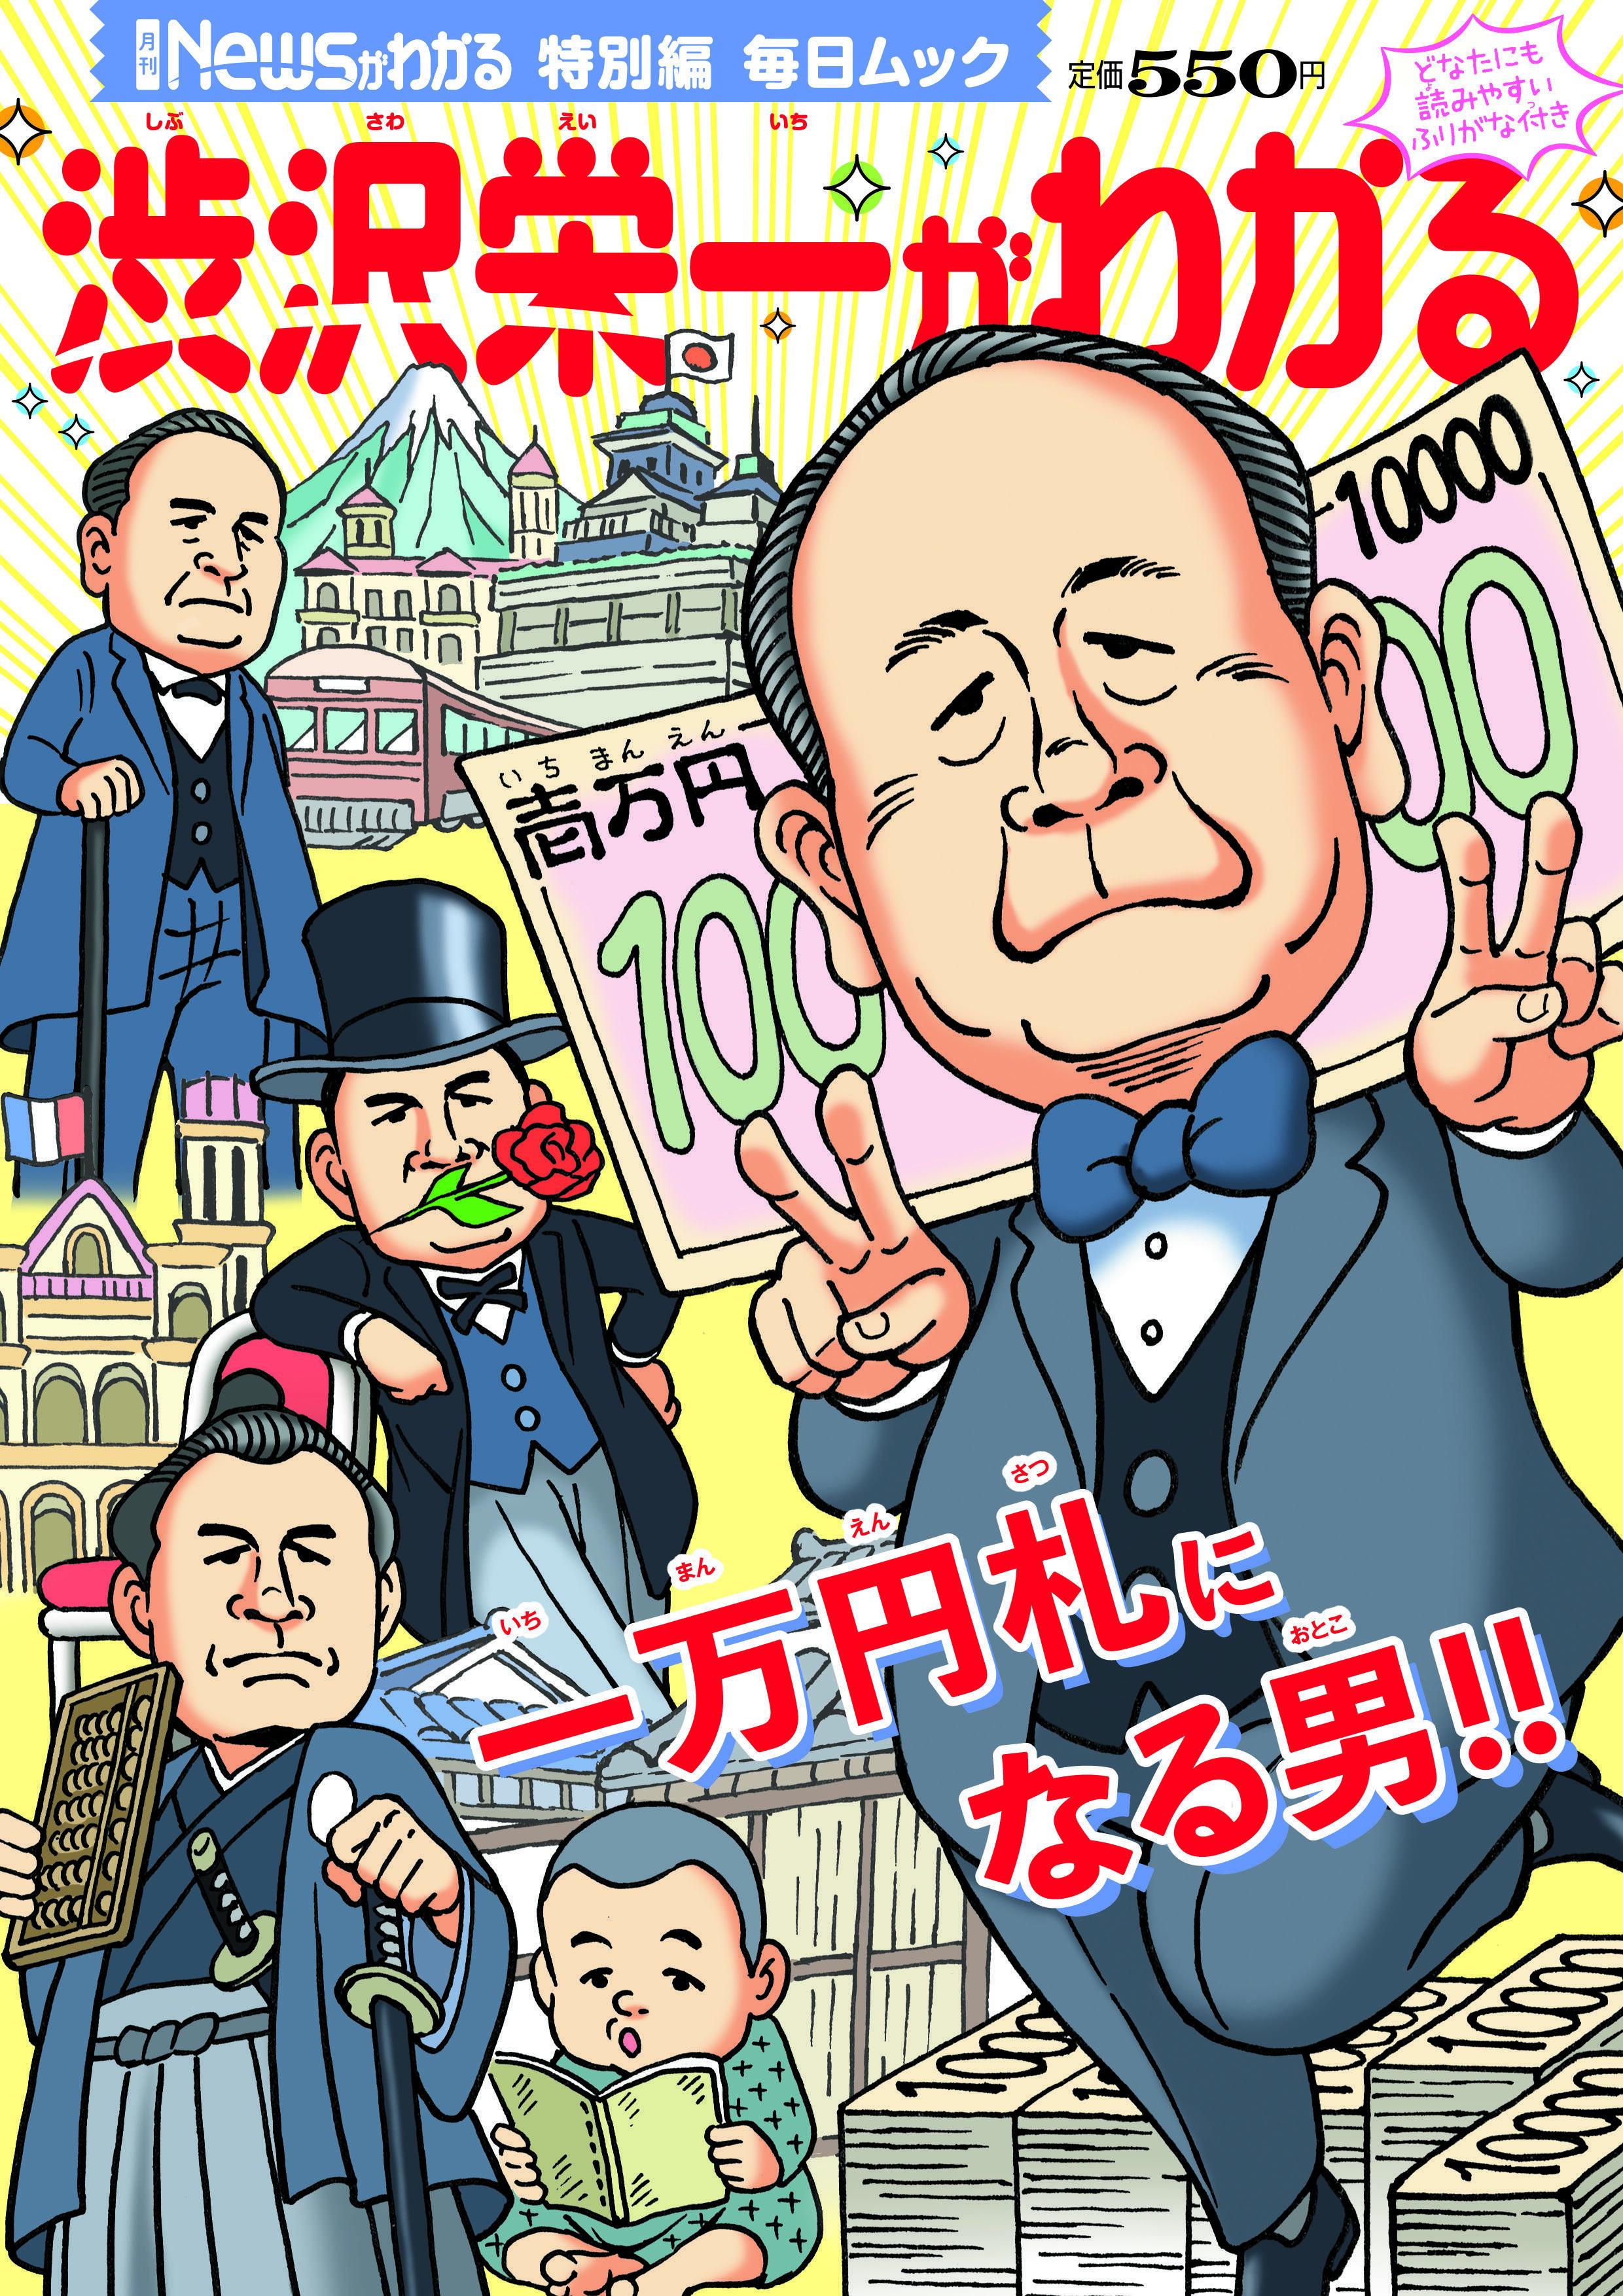 書影:毎日ムック 月刊Newsがわかる特別編 渋沢栄一がわかる